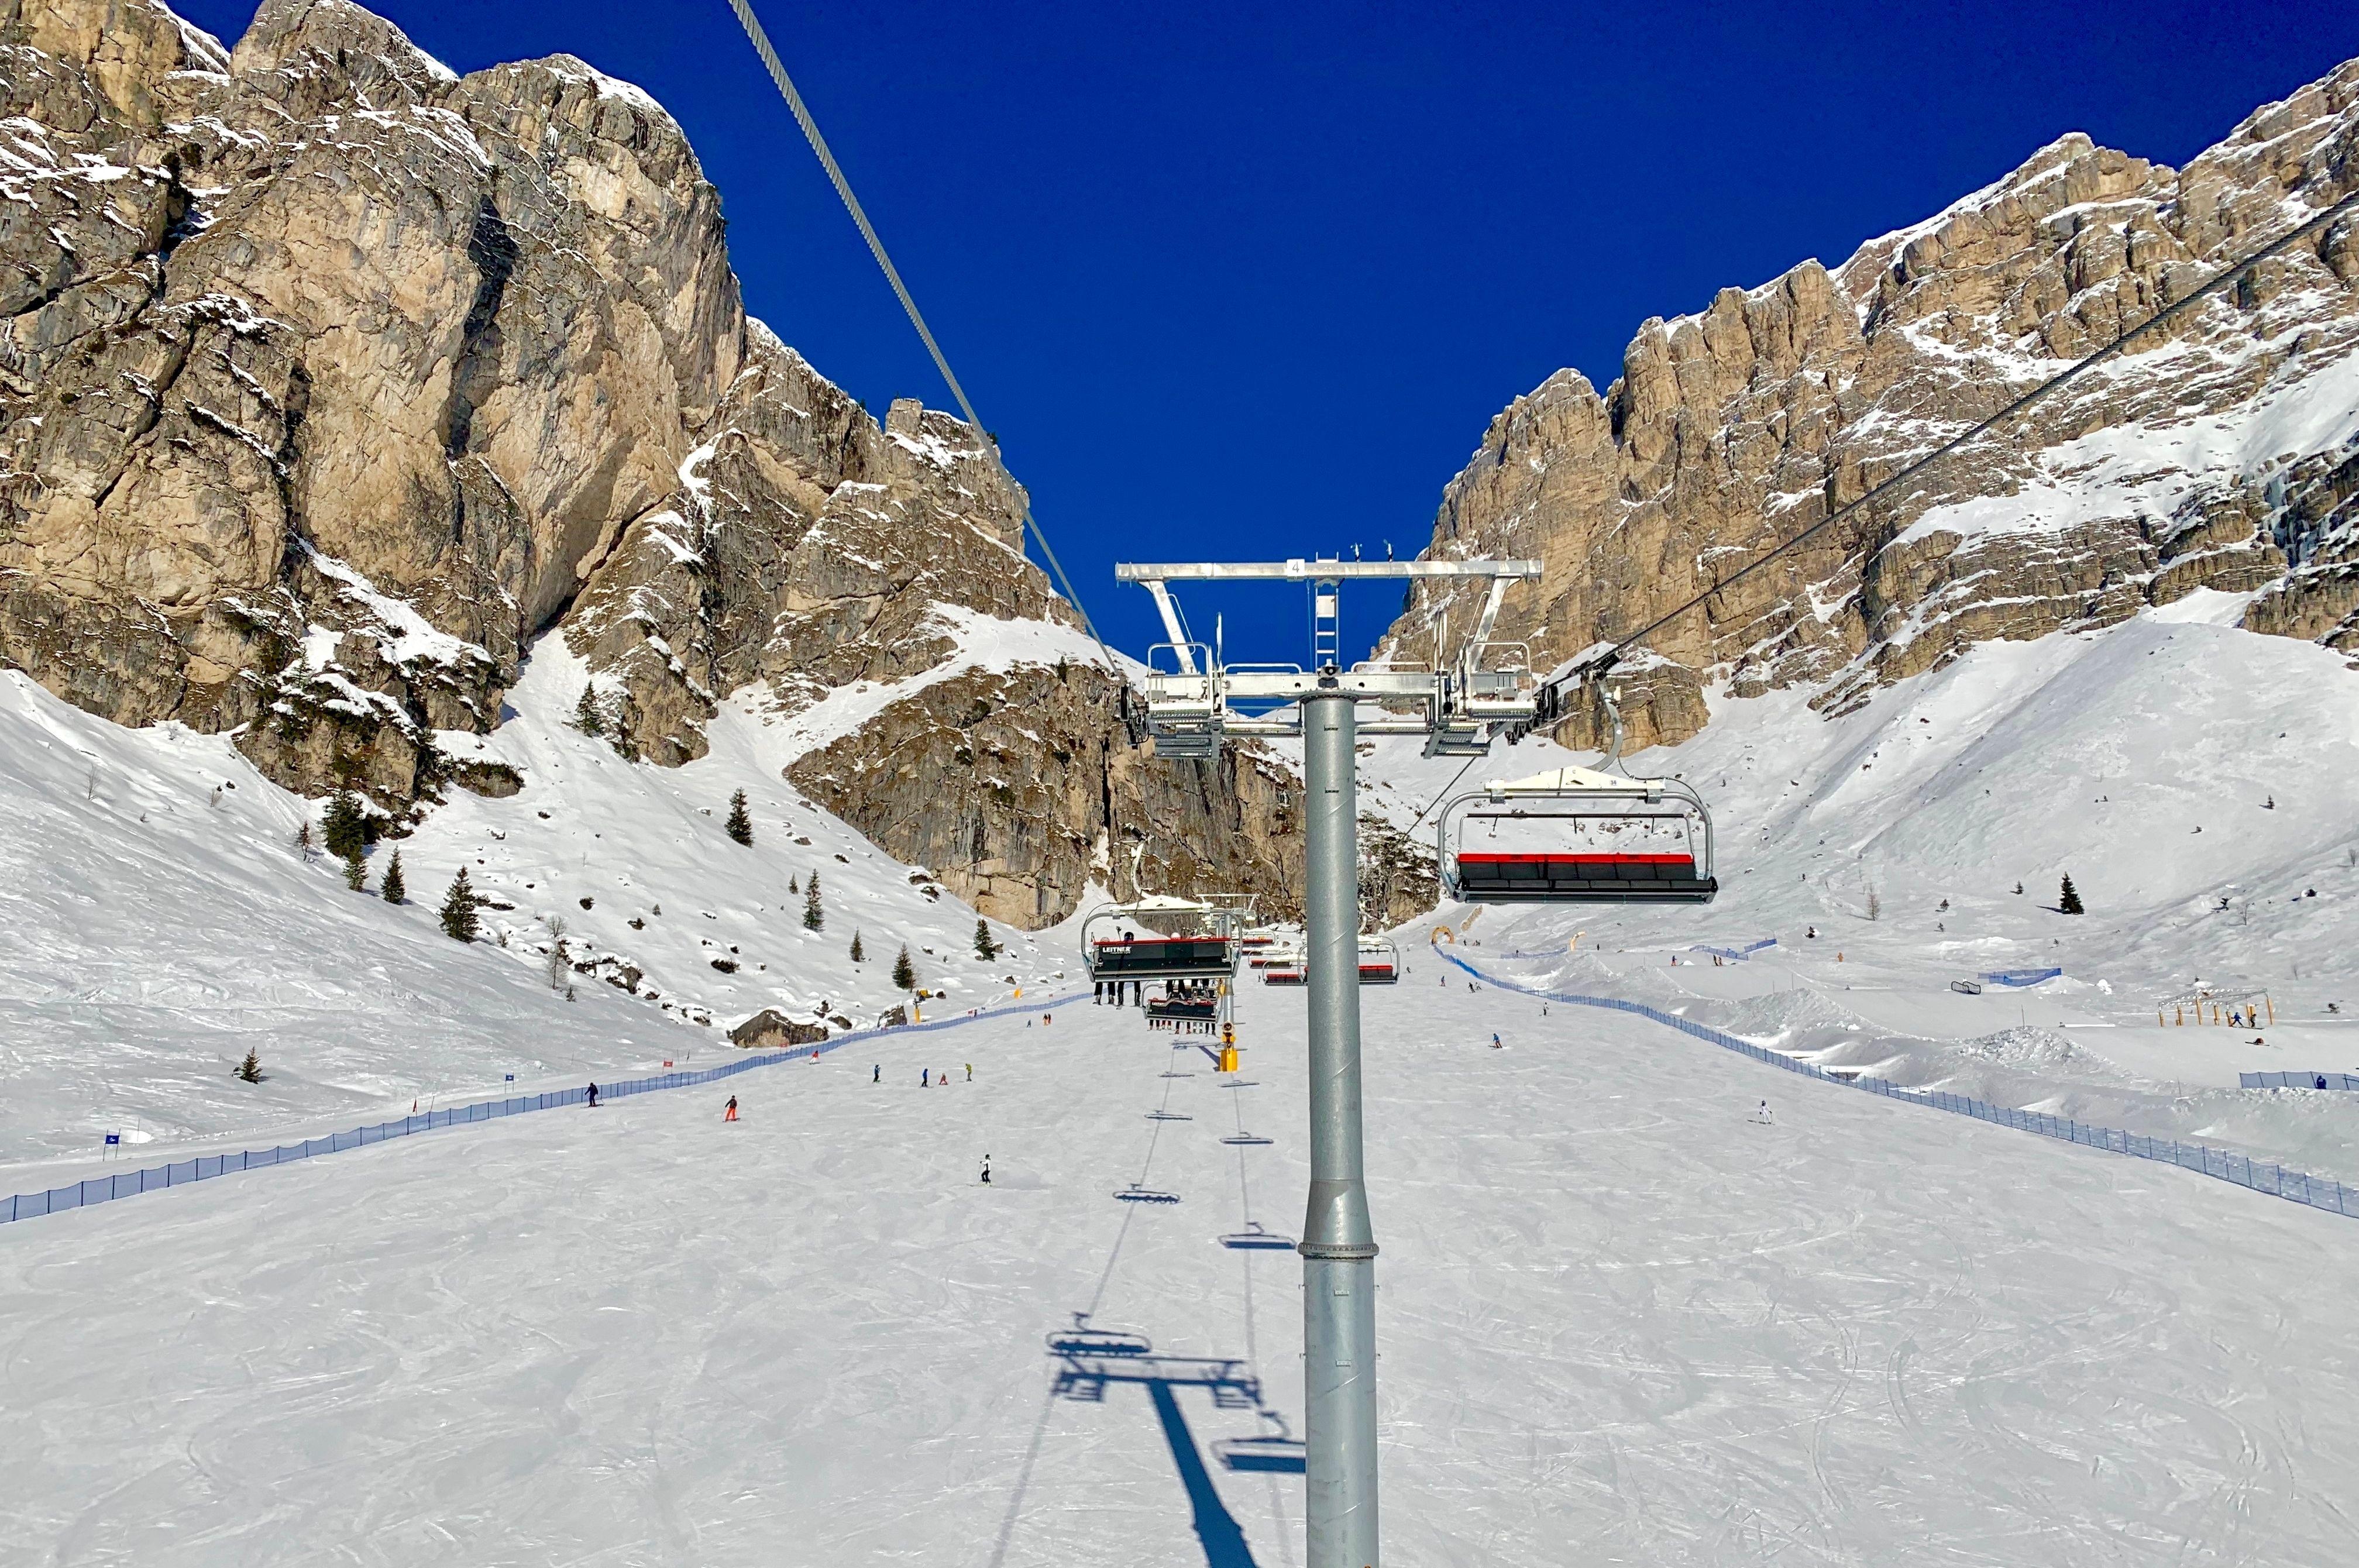 Terugblik: Alpenwinter 2019-2020 was skivriendelijk maar veel te warm